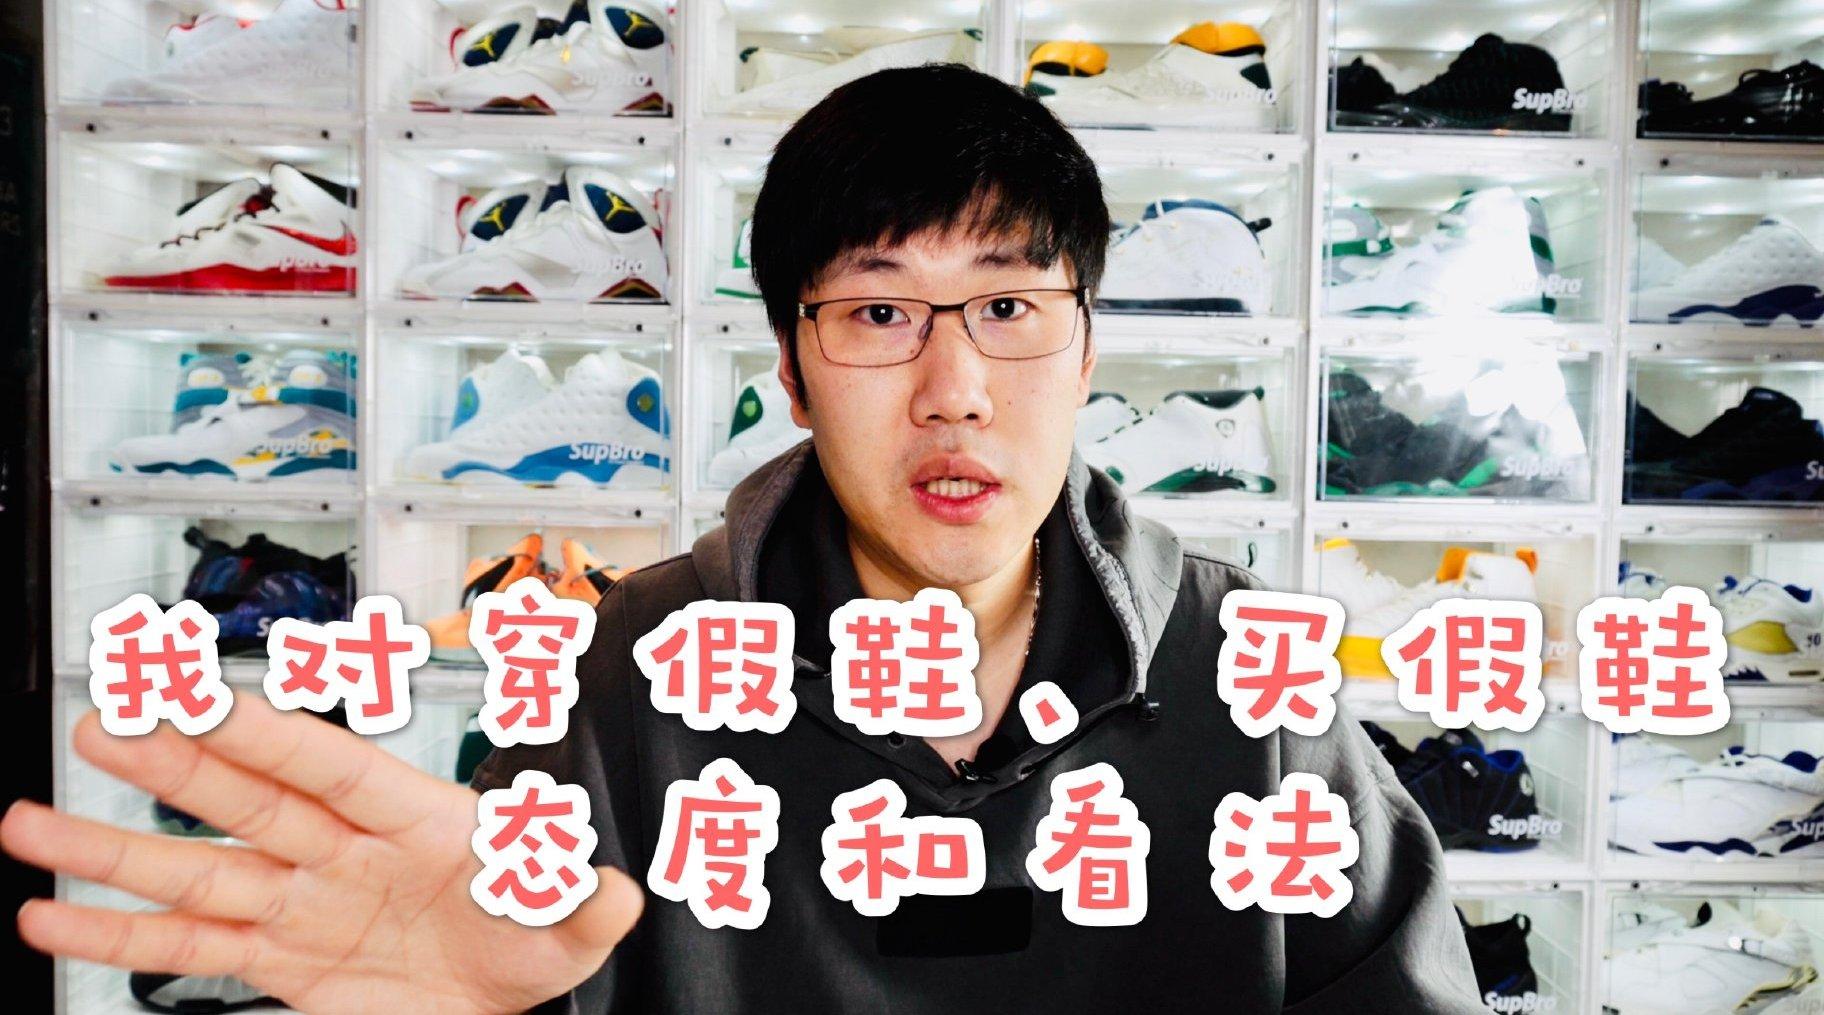 #耘硕说鞋# #球鞋很潮#...